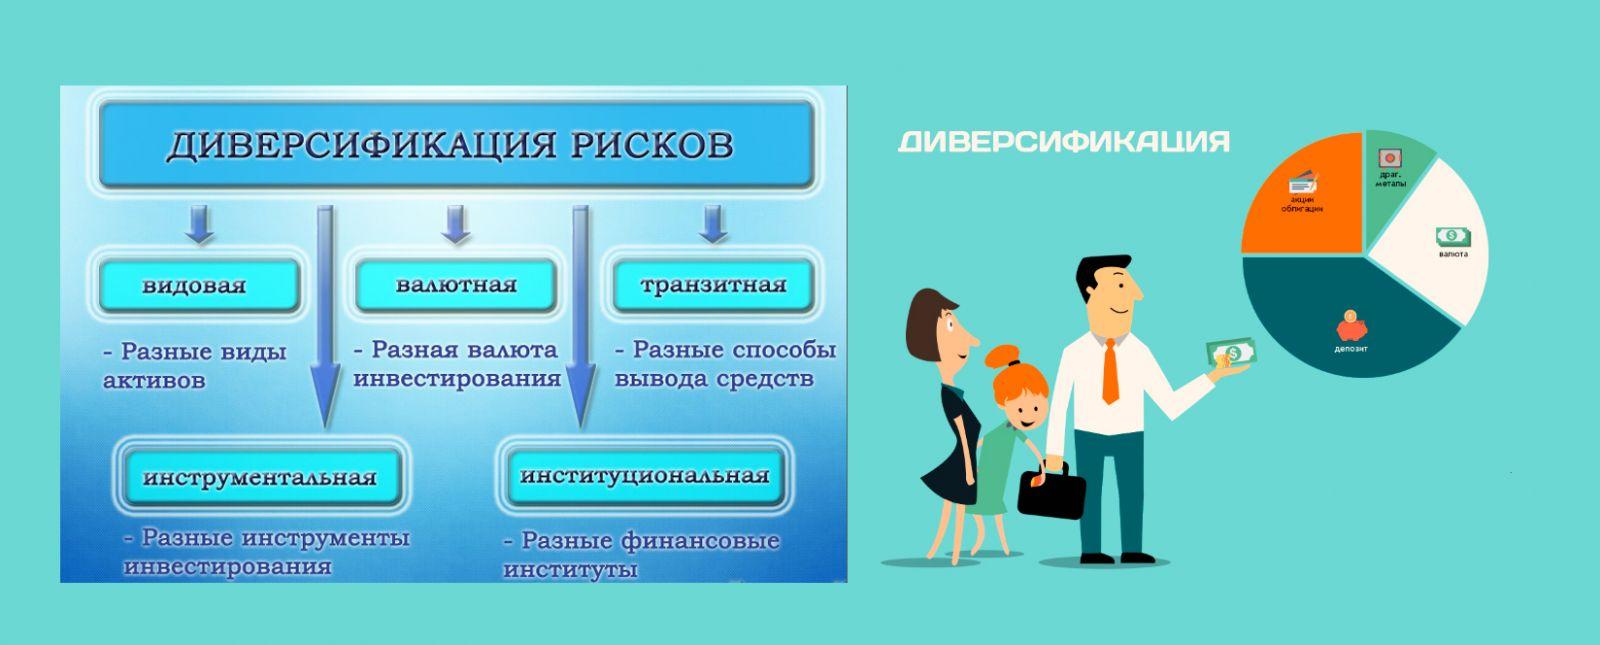 Принцип диверсификации рисков